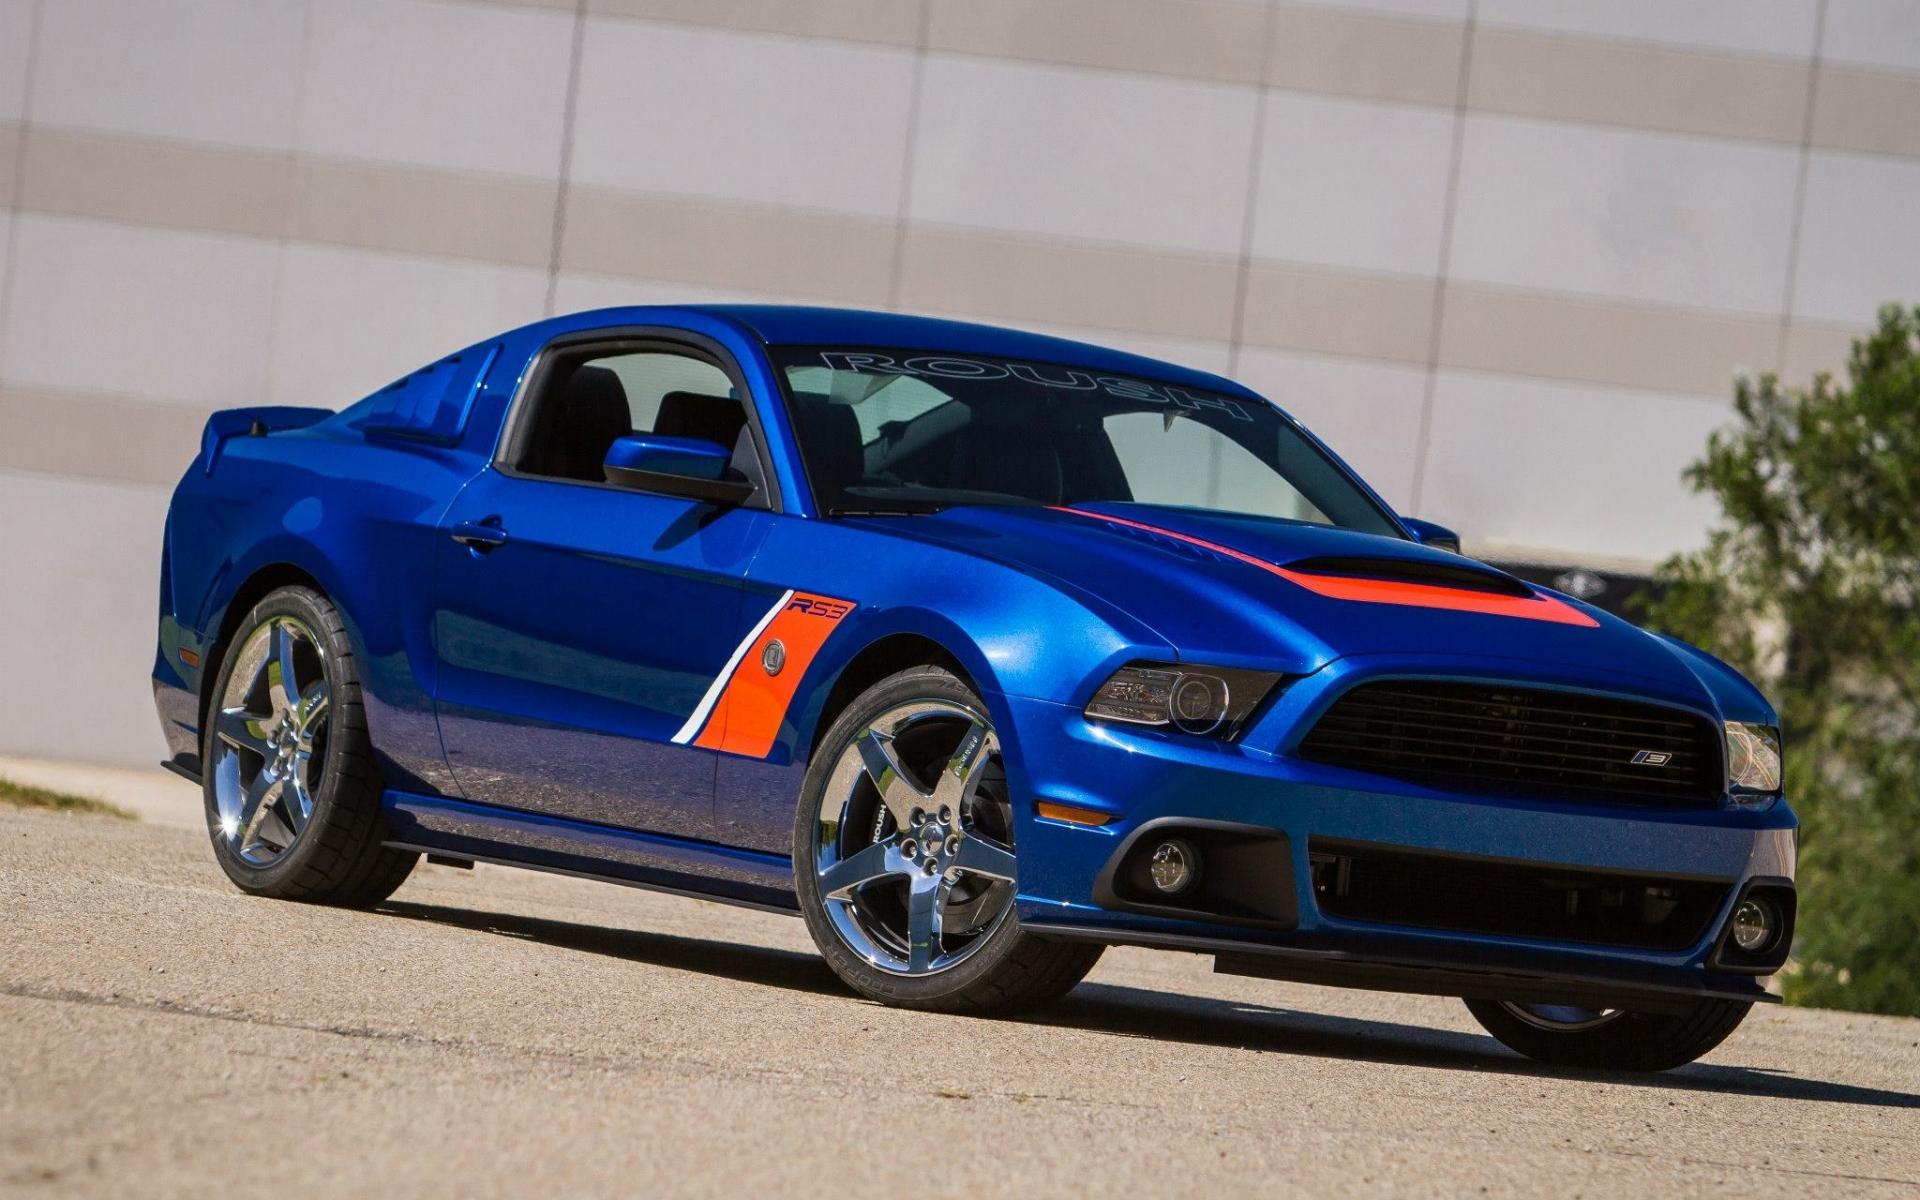 48784 скачать обои Транспорт, Машины, Форд (Ford), Мустанг (Mustang) - заставки и картинки бесплатно